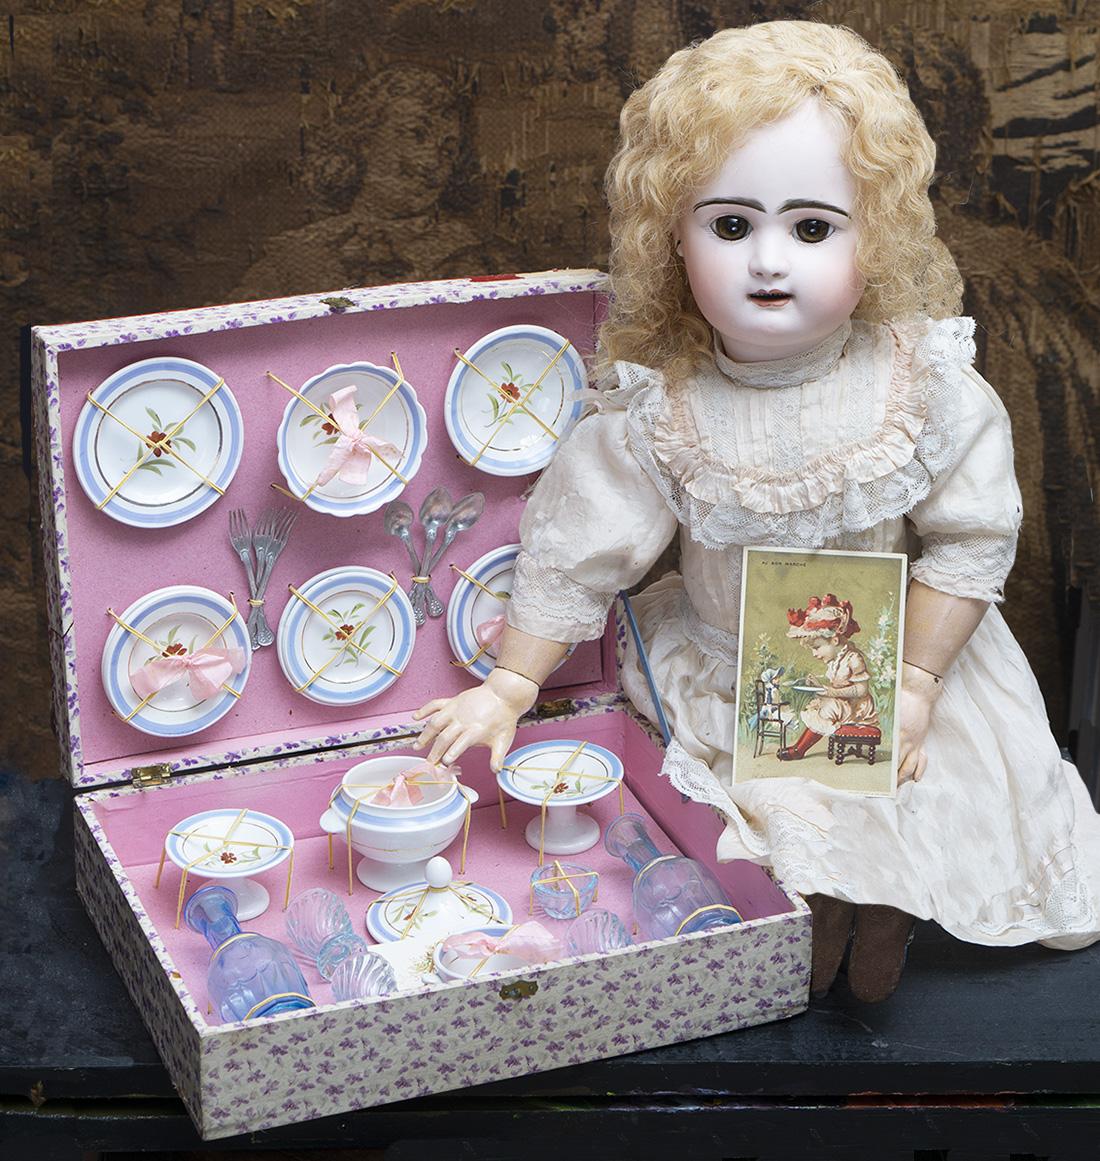 Оригинальный кукольный сервиз